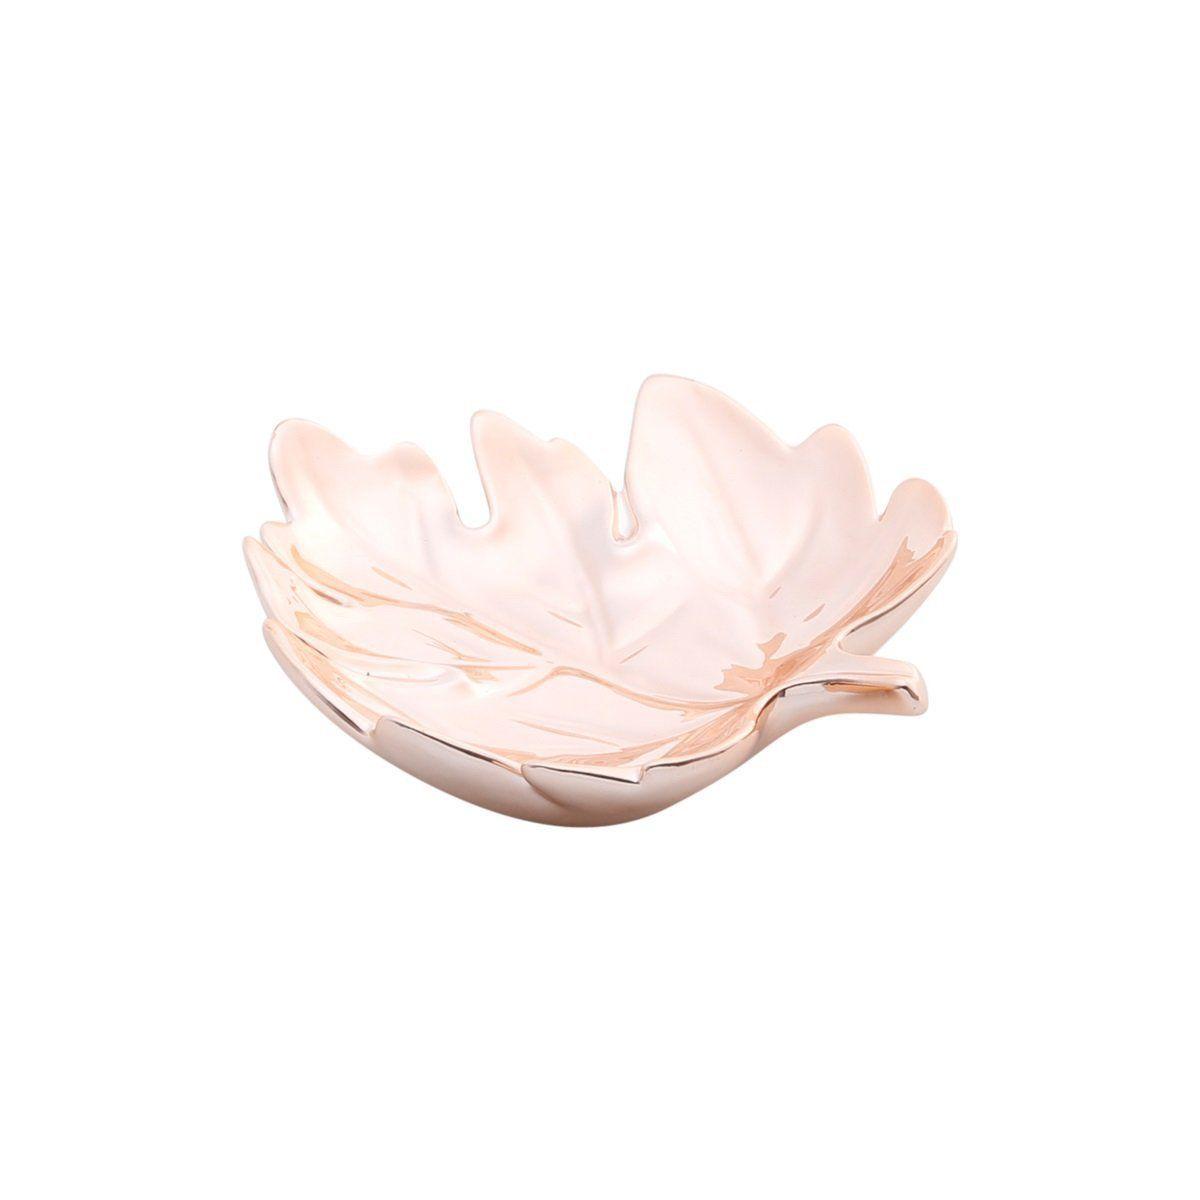 Prato decorativo 14 cm de cerâmica rosé gold Folha Prestige - 25677